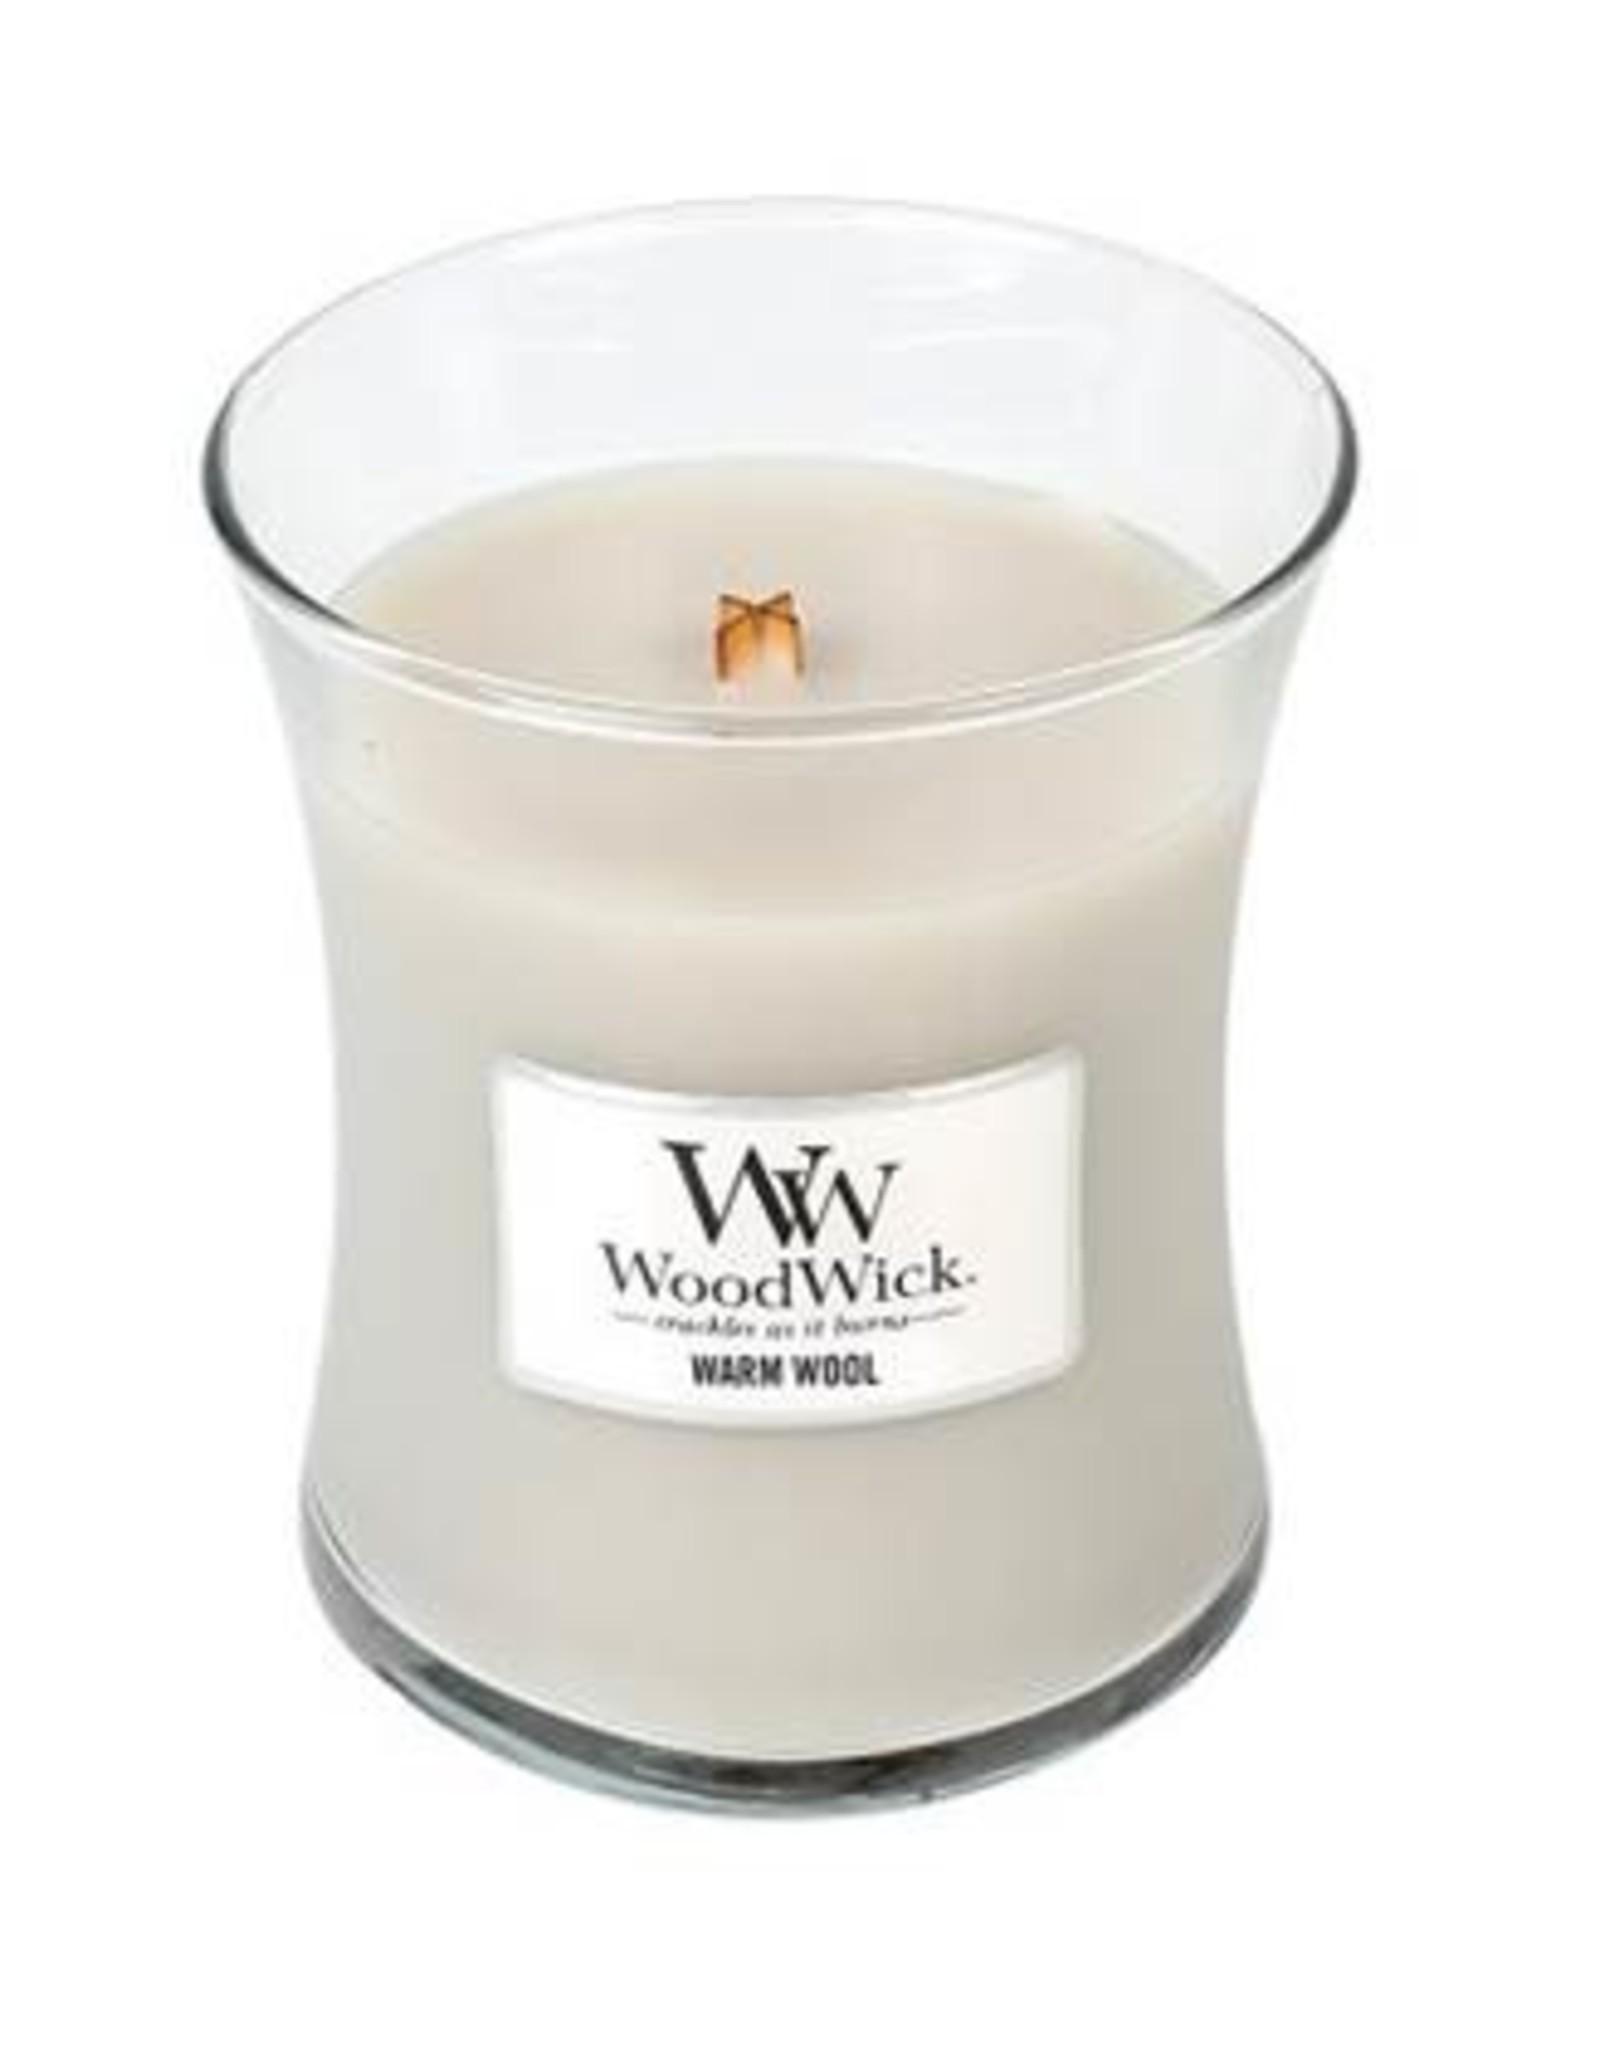 Woodwick Woodwick Warm Wool Medium Candle